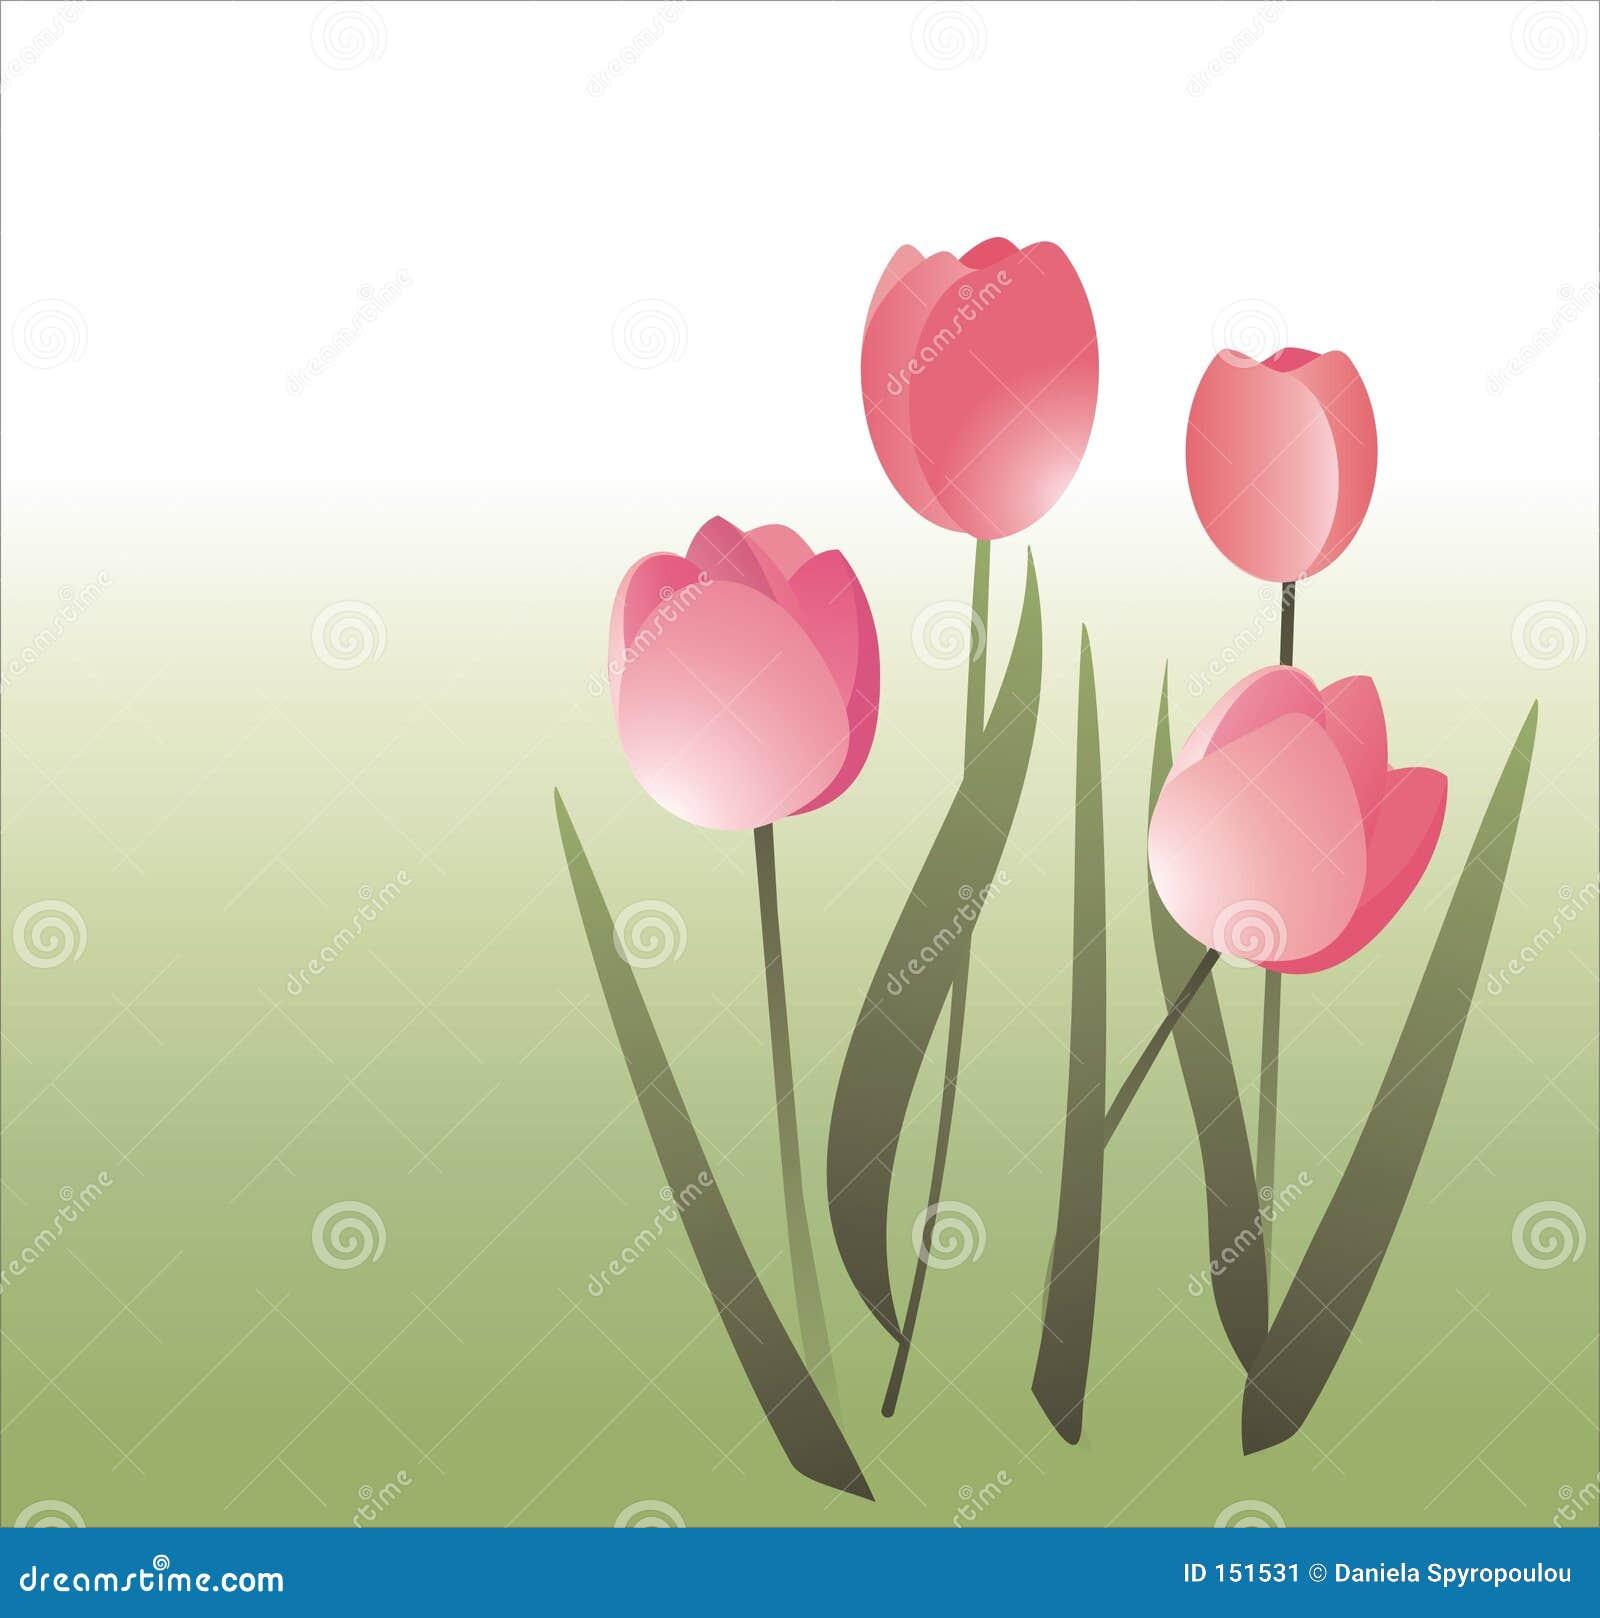 Simple tulips illustration